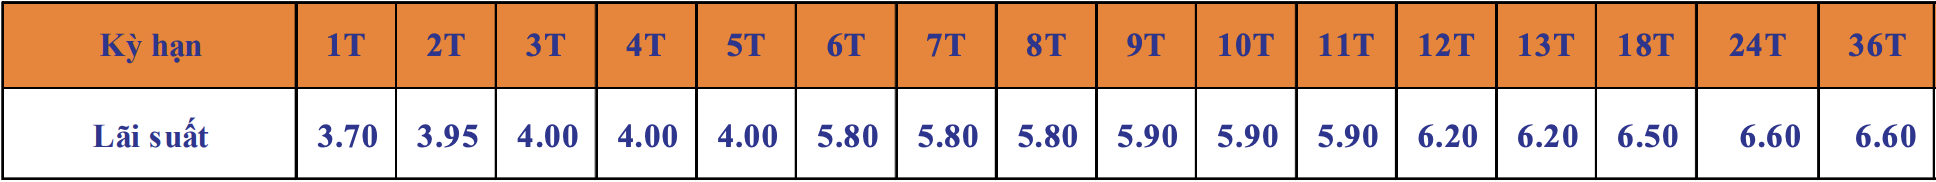 Lãi suất Ngân hàng SHB mới nhất tháng 12/2020 - Ảnh 3.